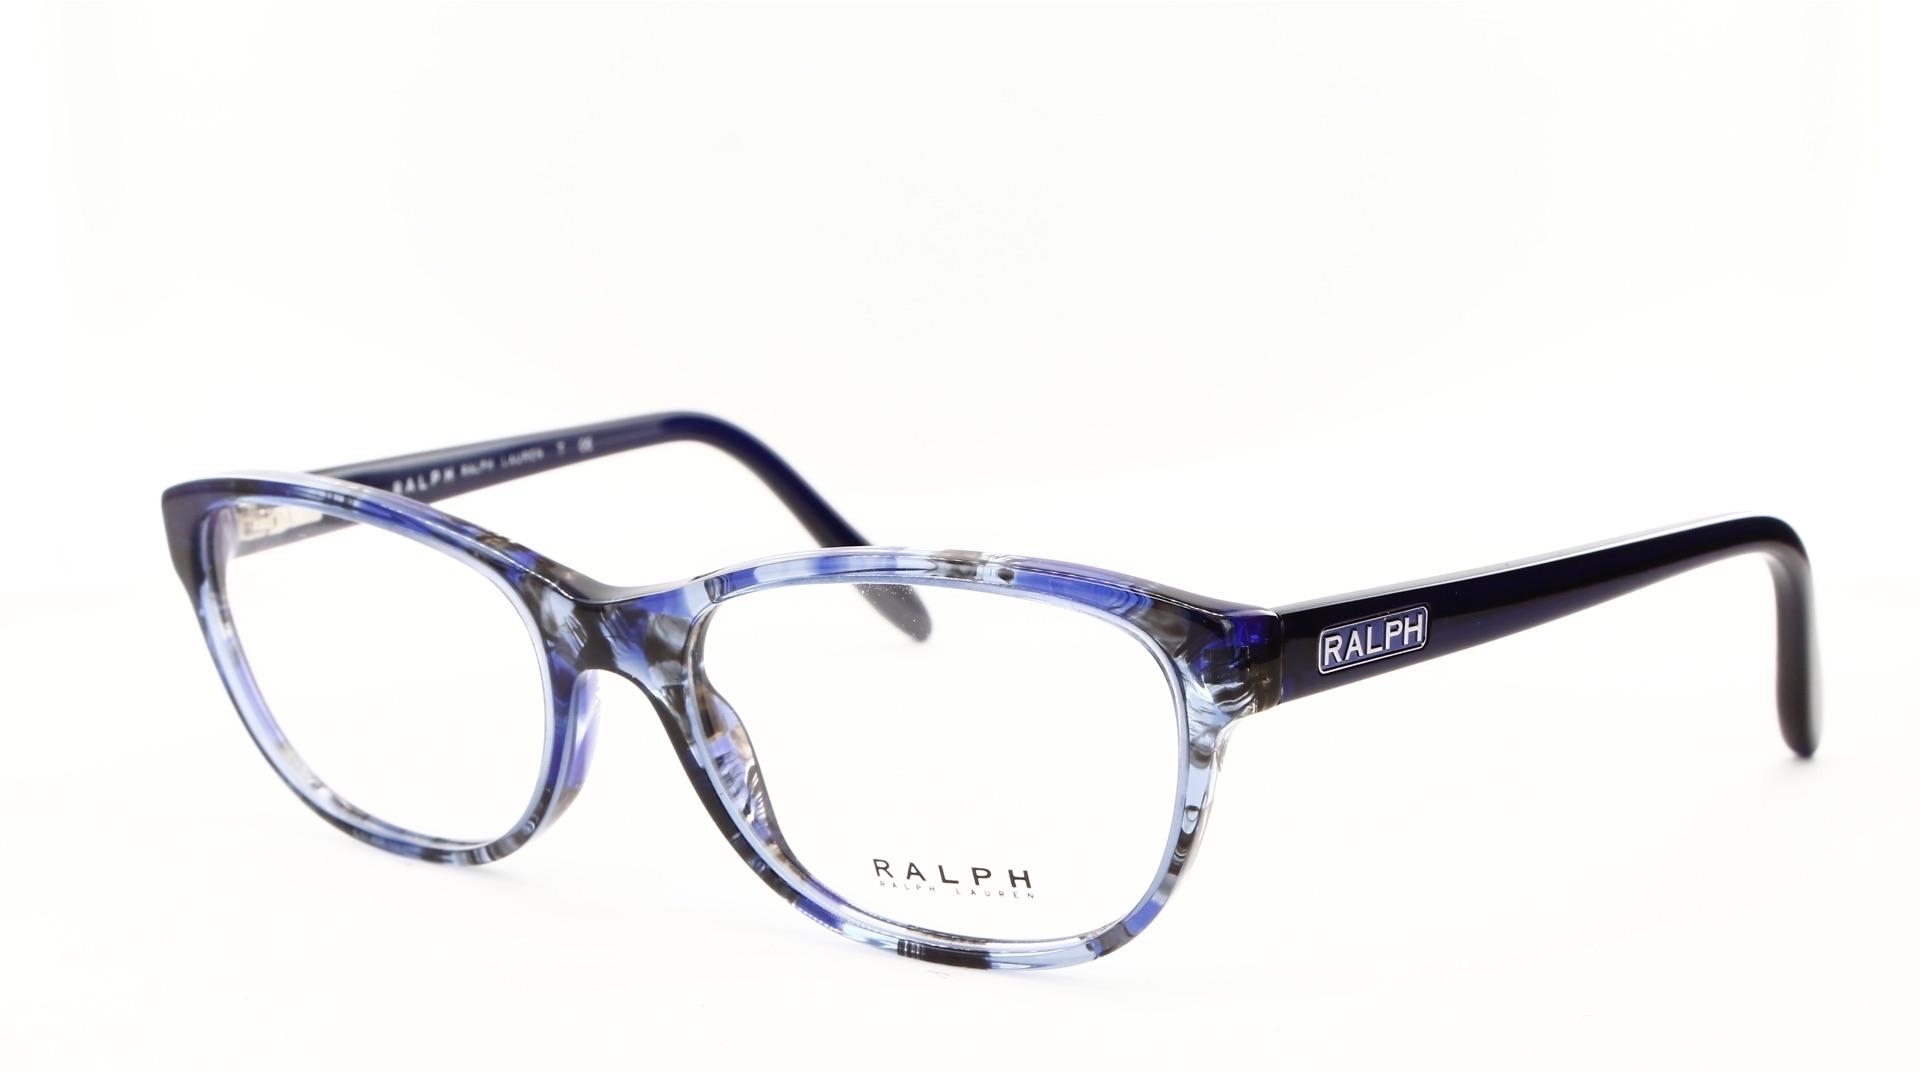 Polo Ralph Lauren - ref: 69536